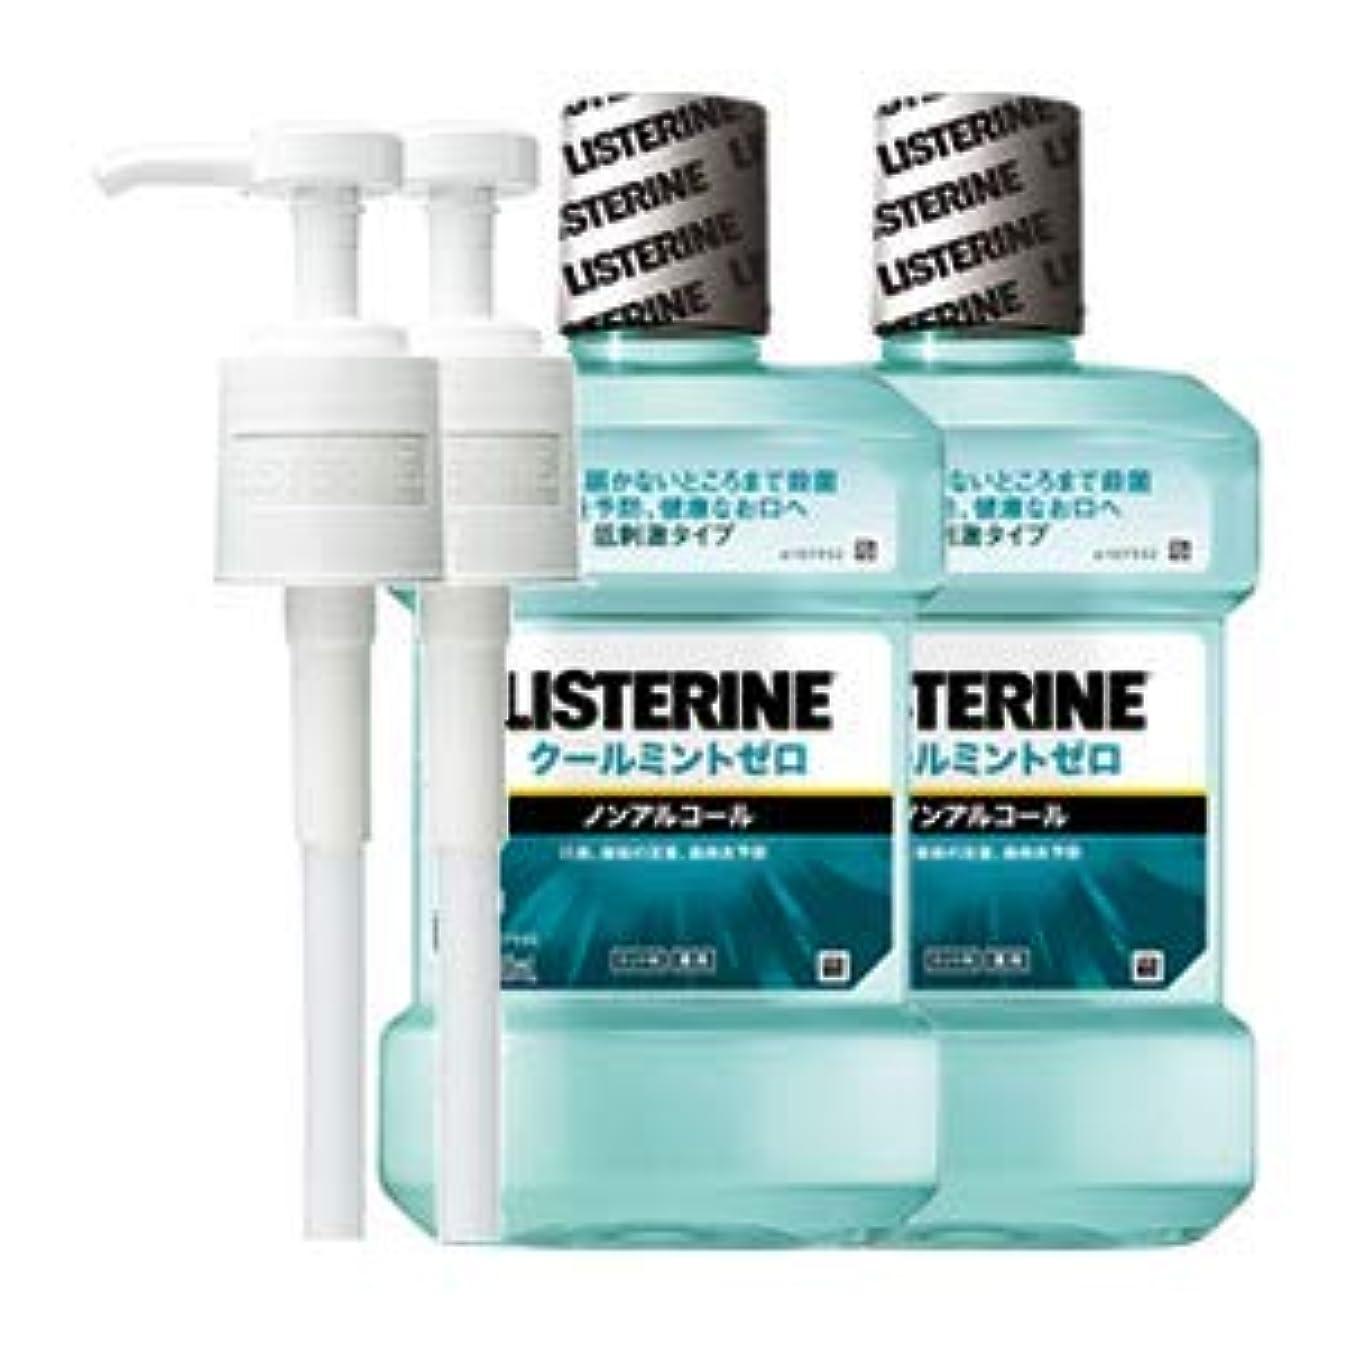 エリート症候群シャーク薬用 リステリン クールミント ゼロ (マウスウォッシュ/洗口液) 1000mL 2点セット (ポンプ付)